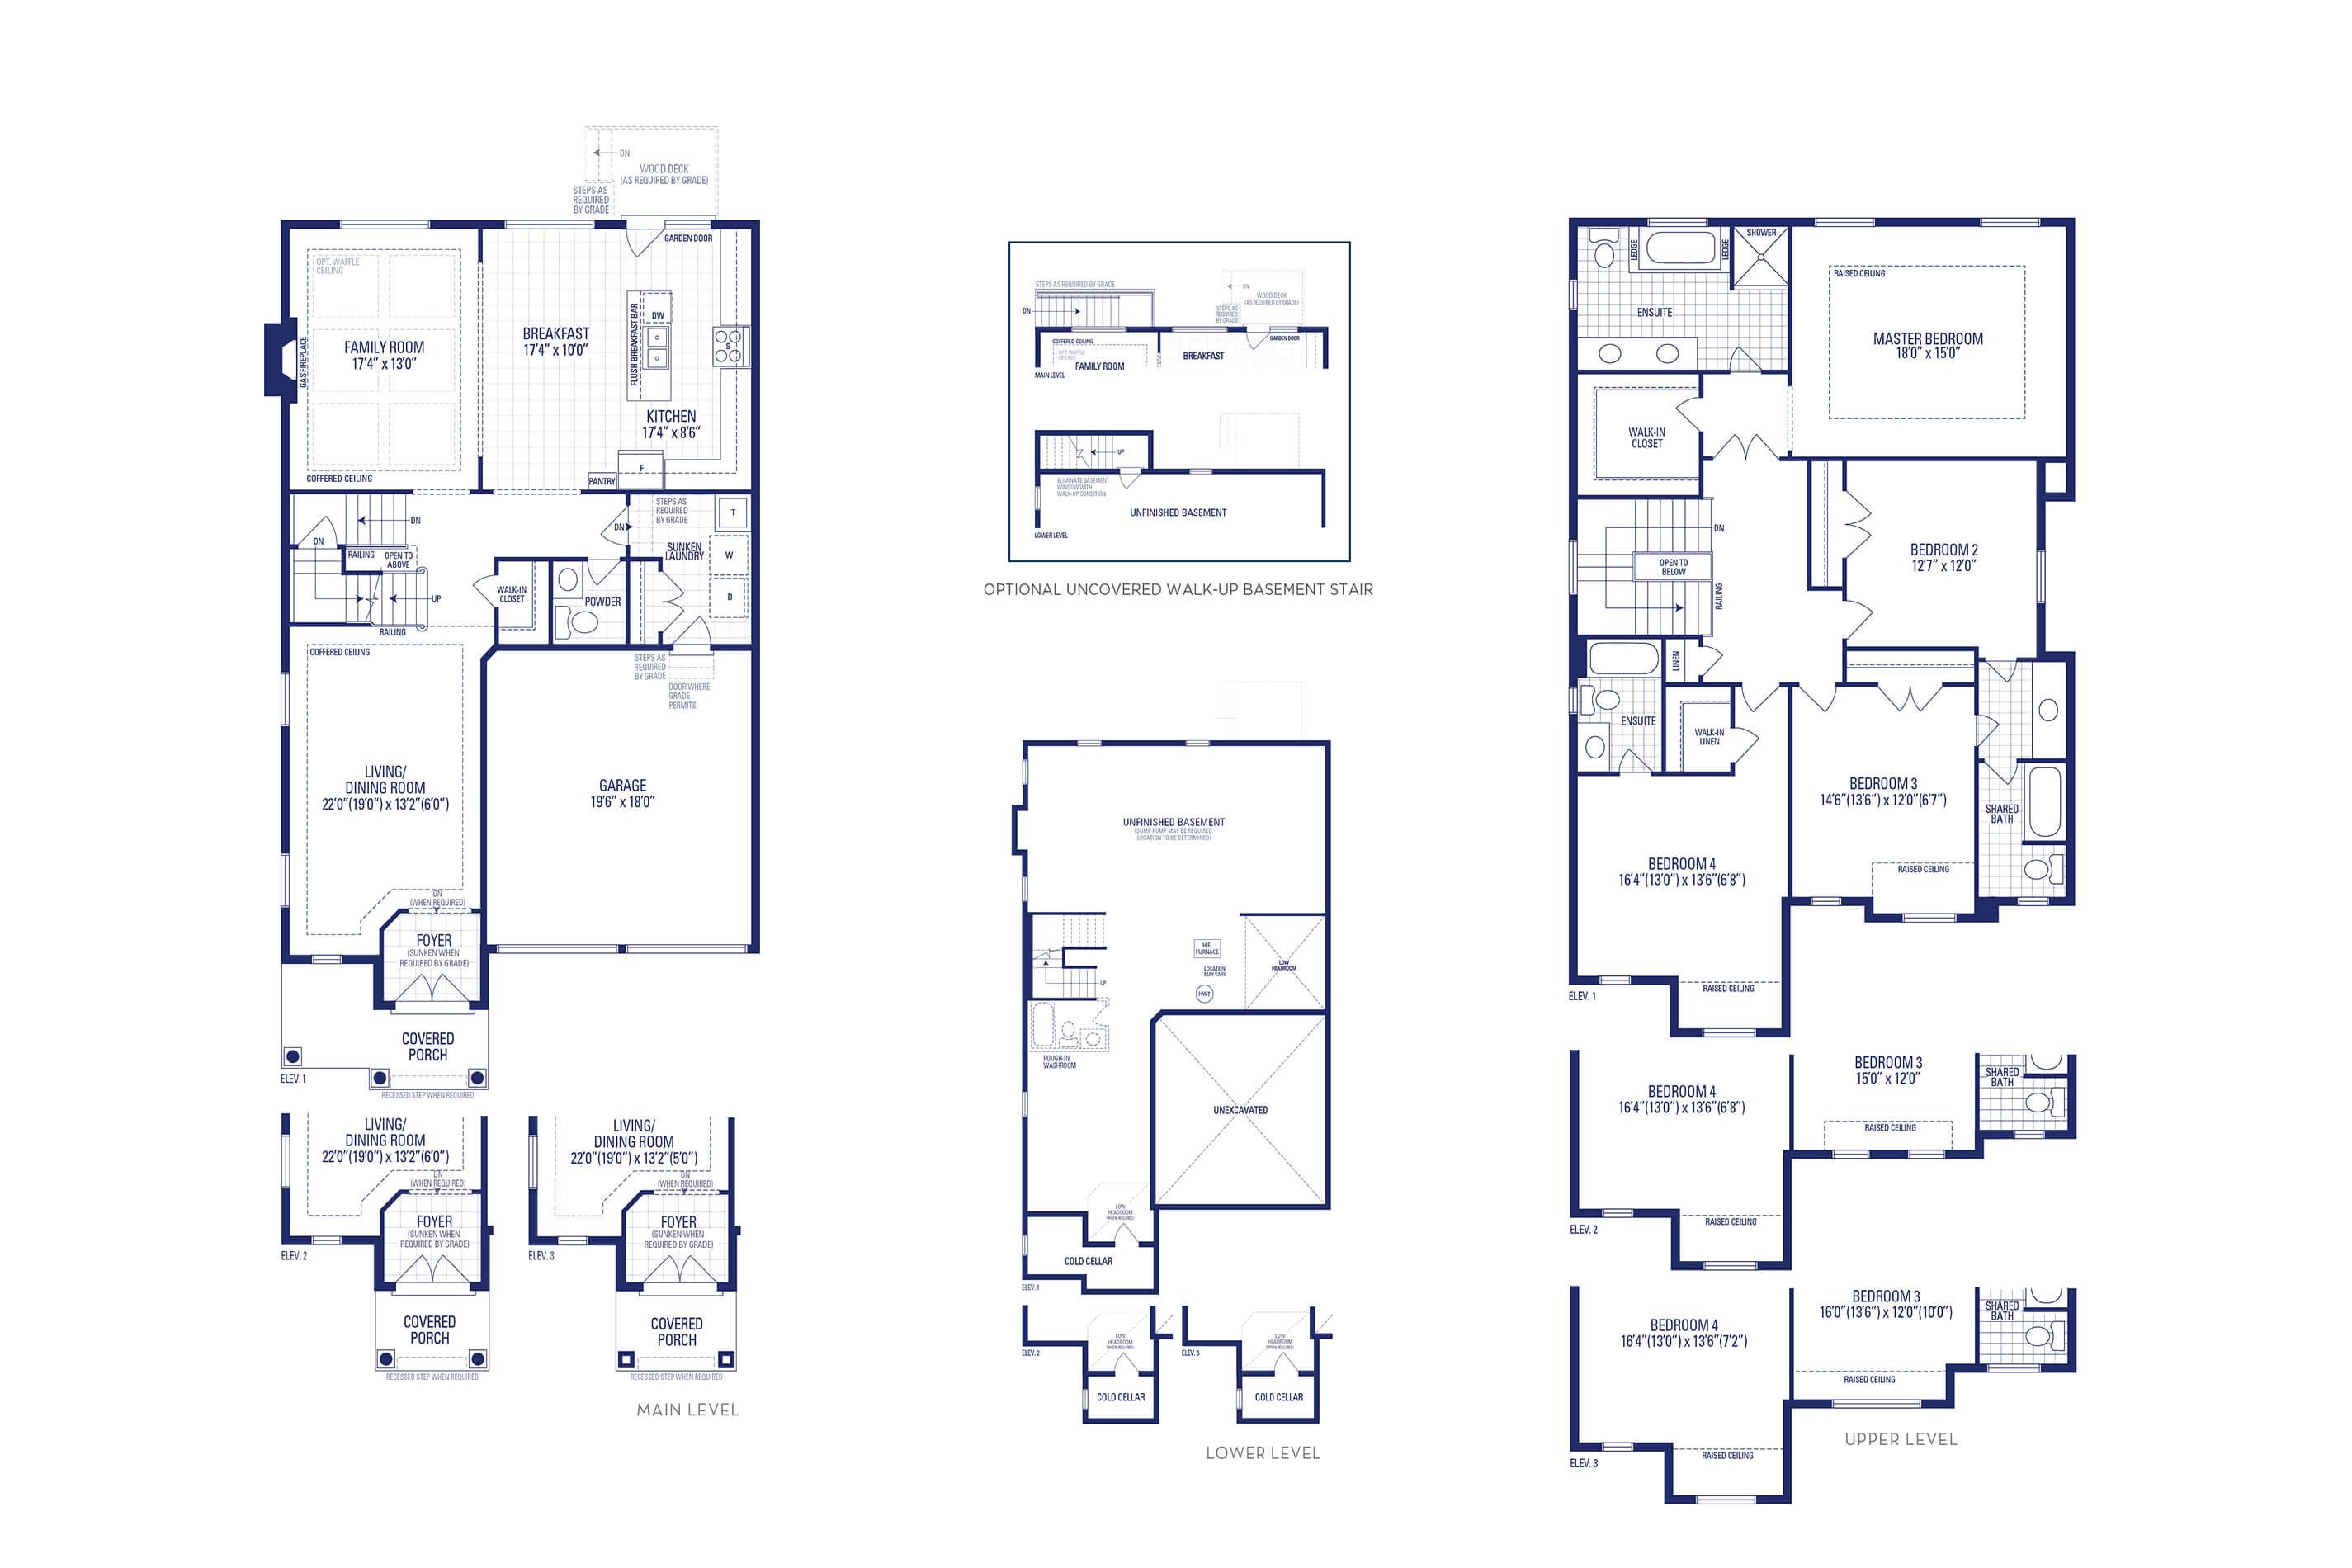 Carnegie 2 Elev. 1 Floorplan